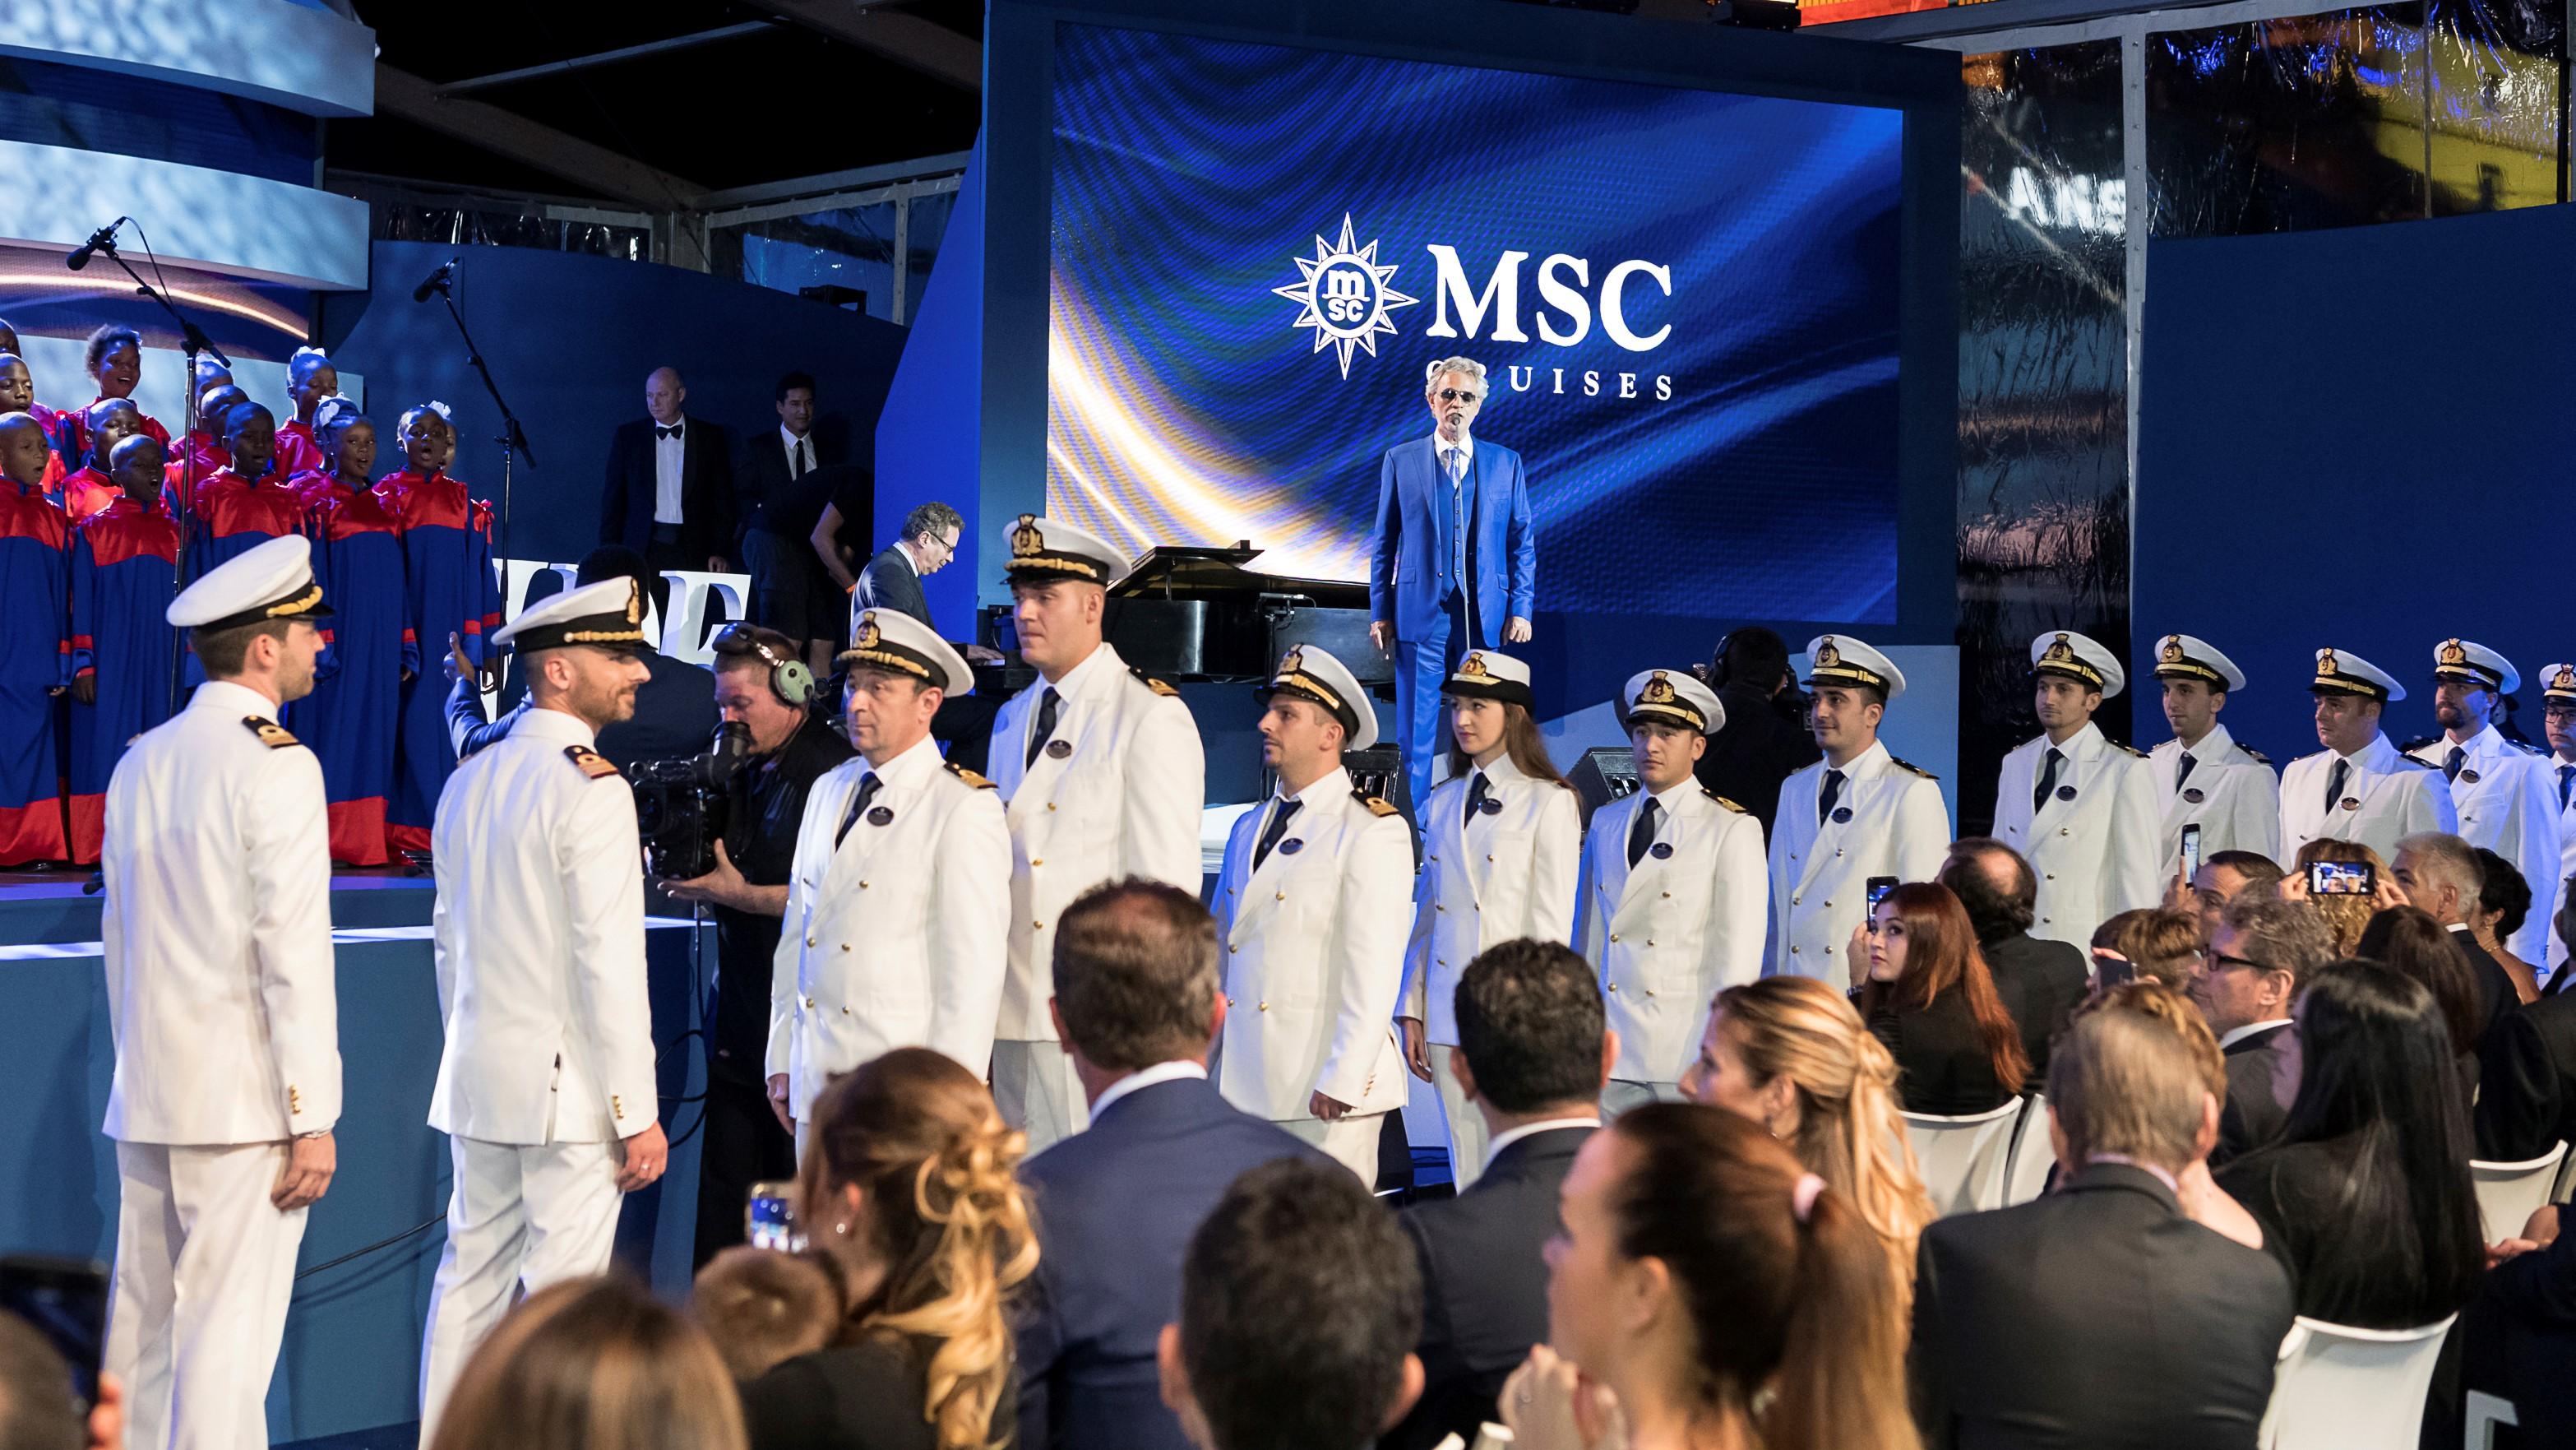 Andrea Bocelli joins star-studded line-up for MSC Bellissima